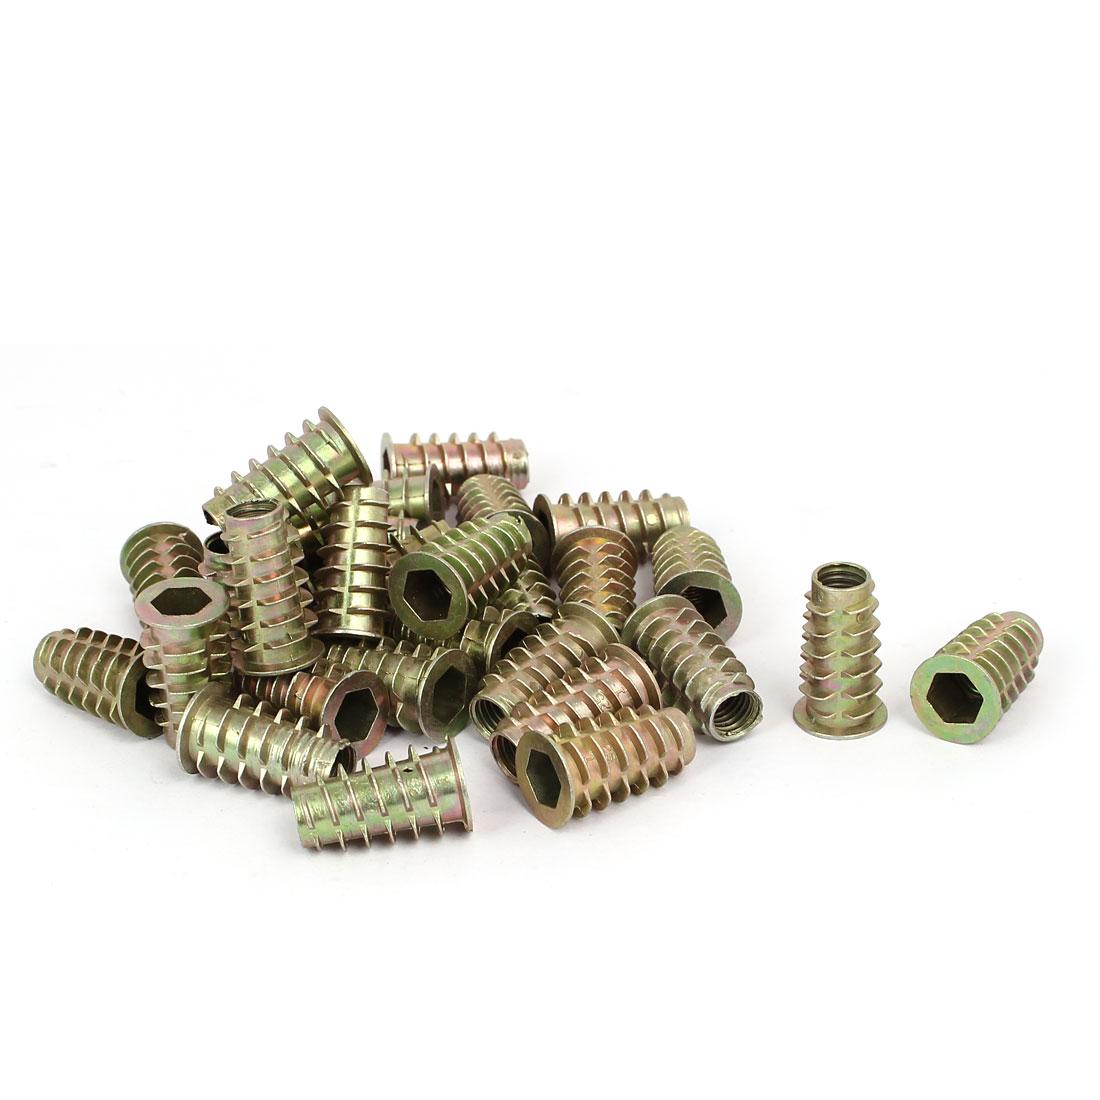 M8 x 25mm Hex Socket Head Insert Screws E-Nuts Furniture Fittings 30pcs